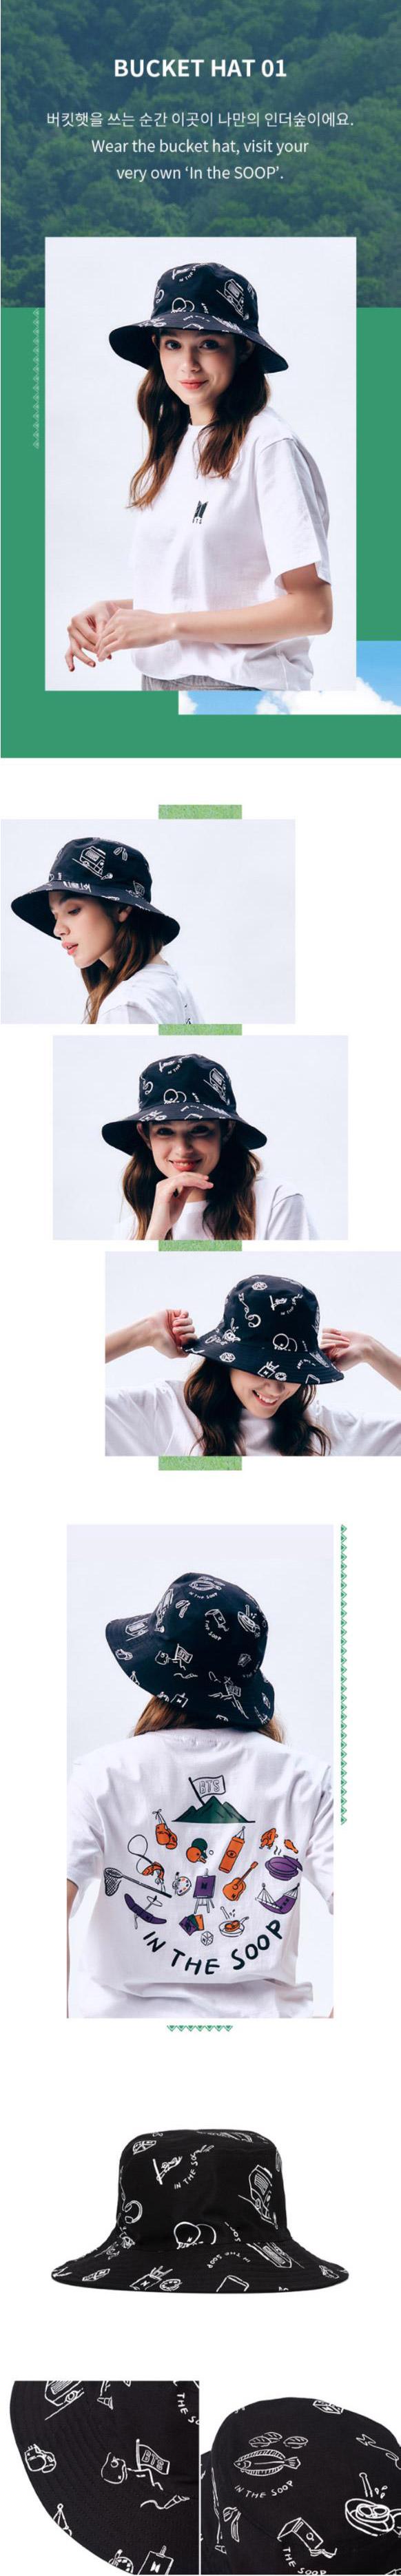 Bts In The Soop Goods Bucket Hat